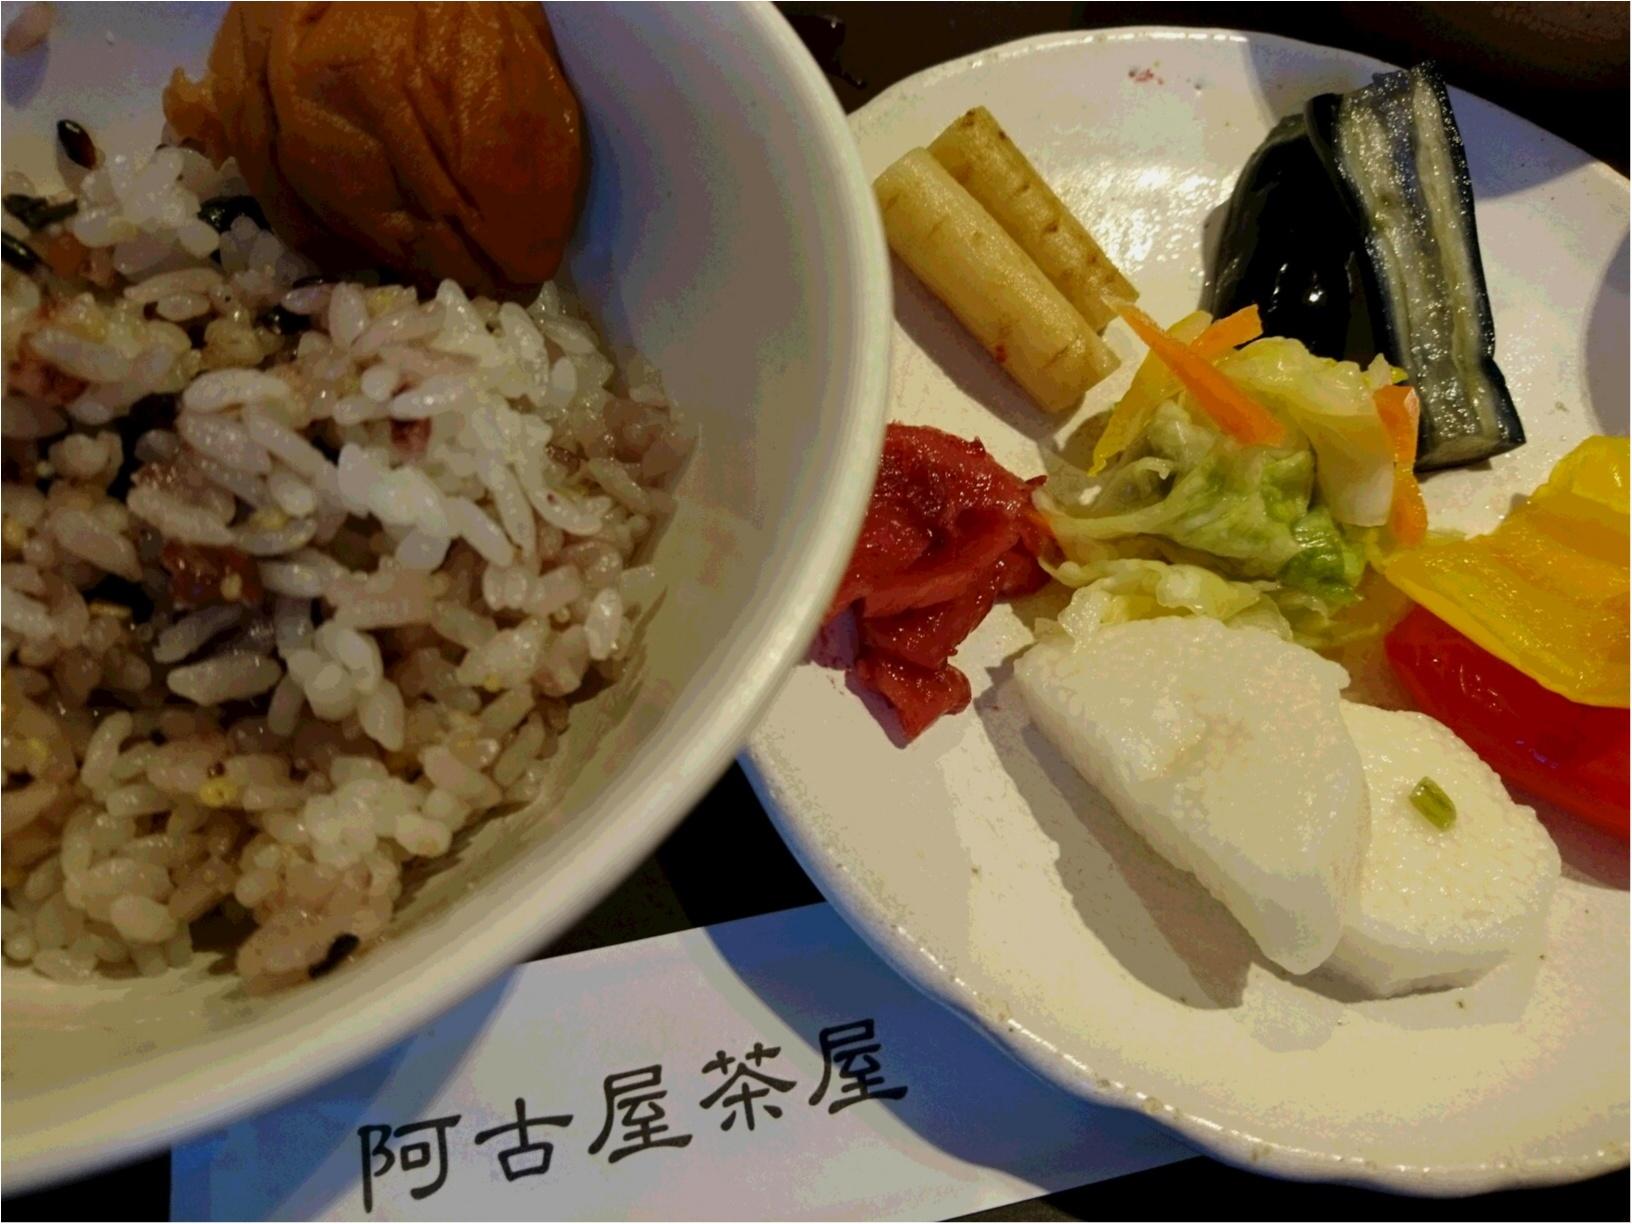 京都のおすすめランチ特集 - 京都女子旅や京都観光におすすめの和食店やレストラン7選_30